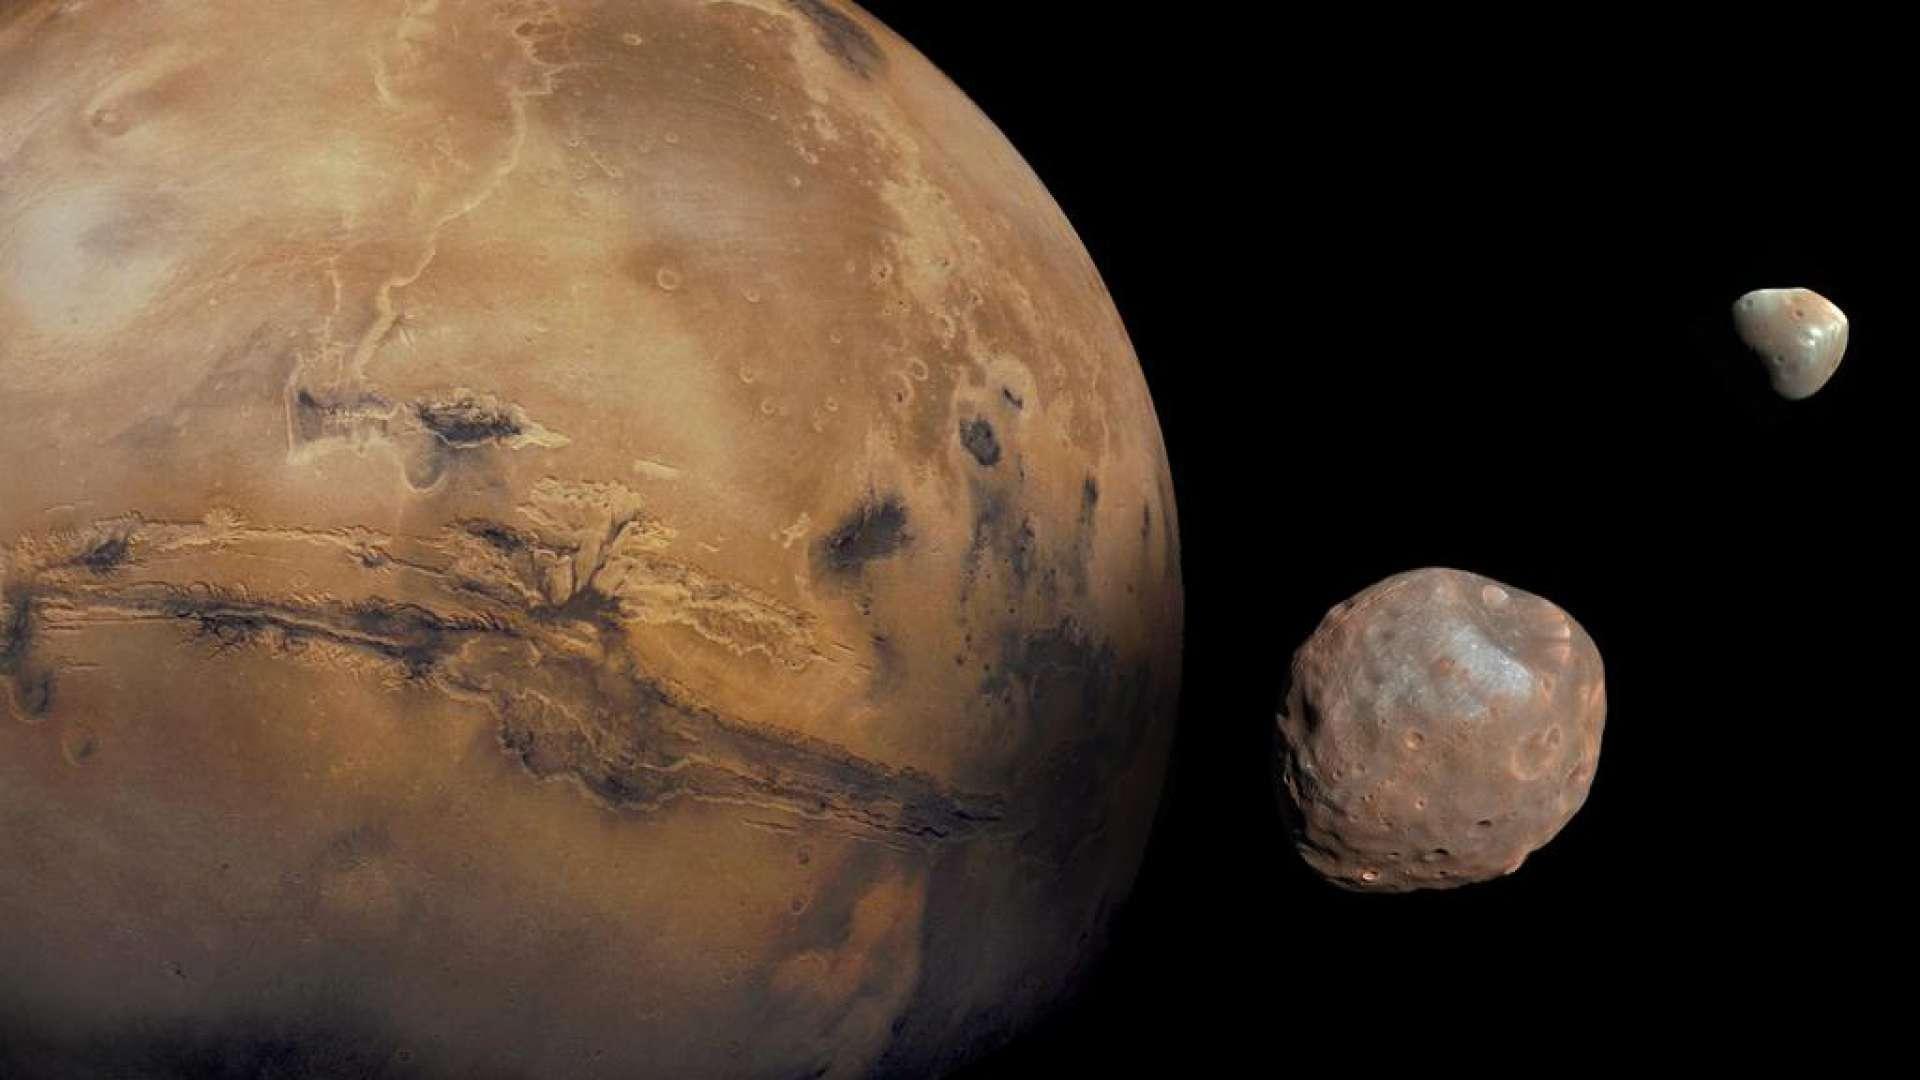 Marte é acompanhado por duas luas com crateras - uma lua interna chamada Phobos e uma lua externa chamada Deimos